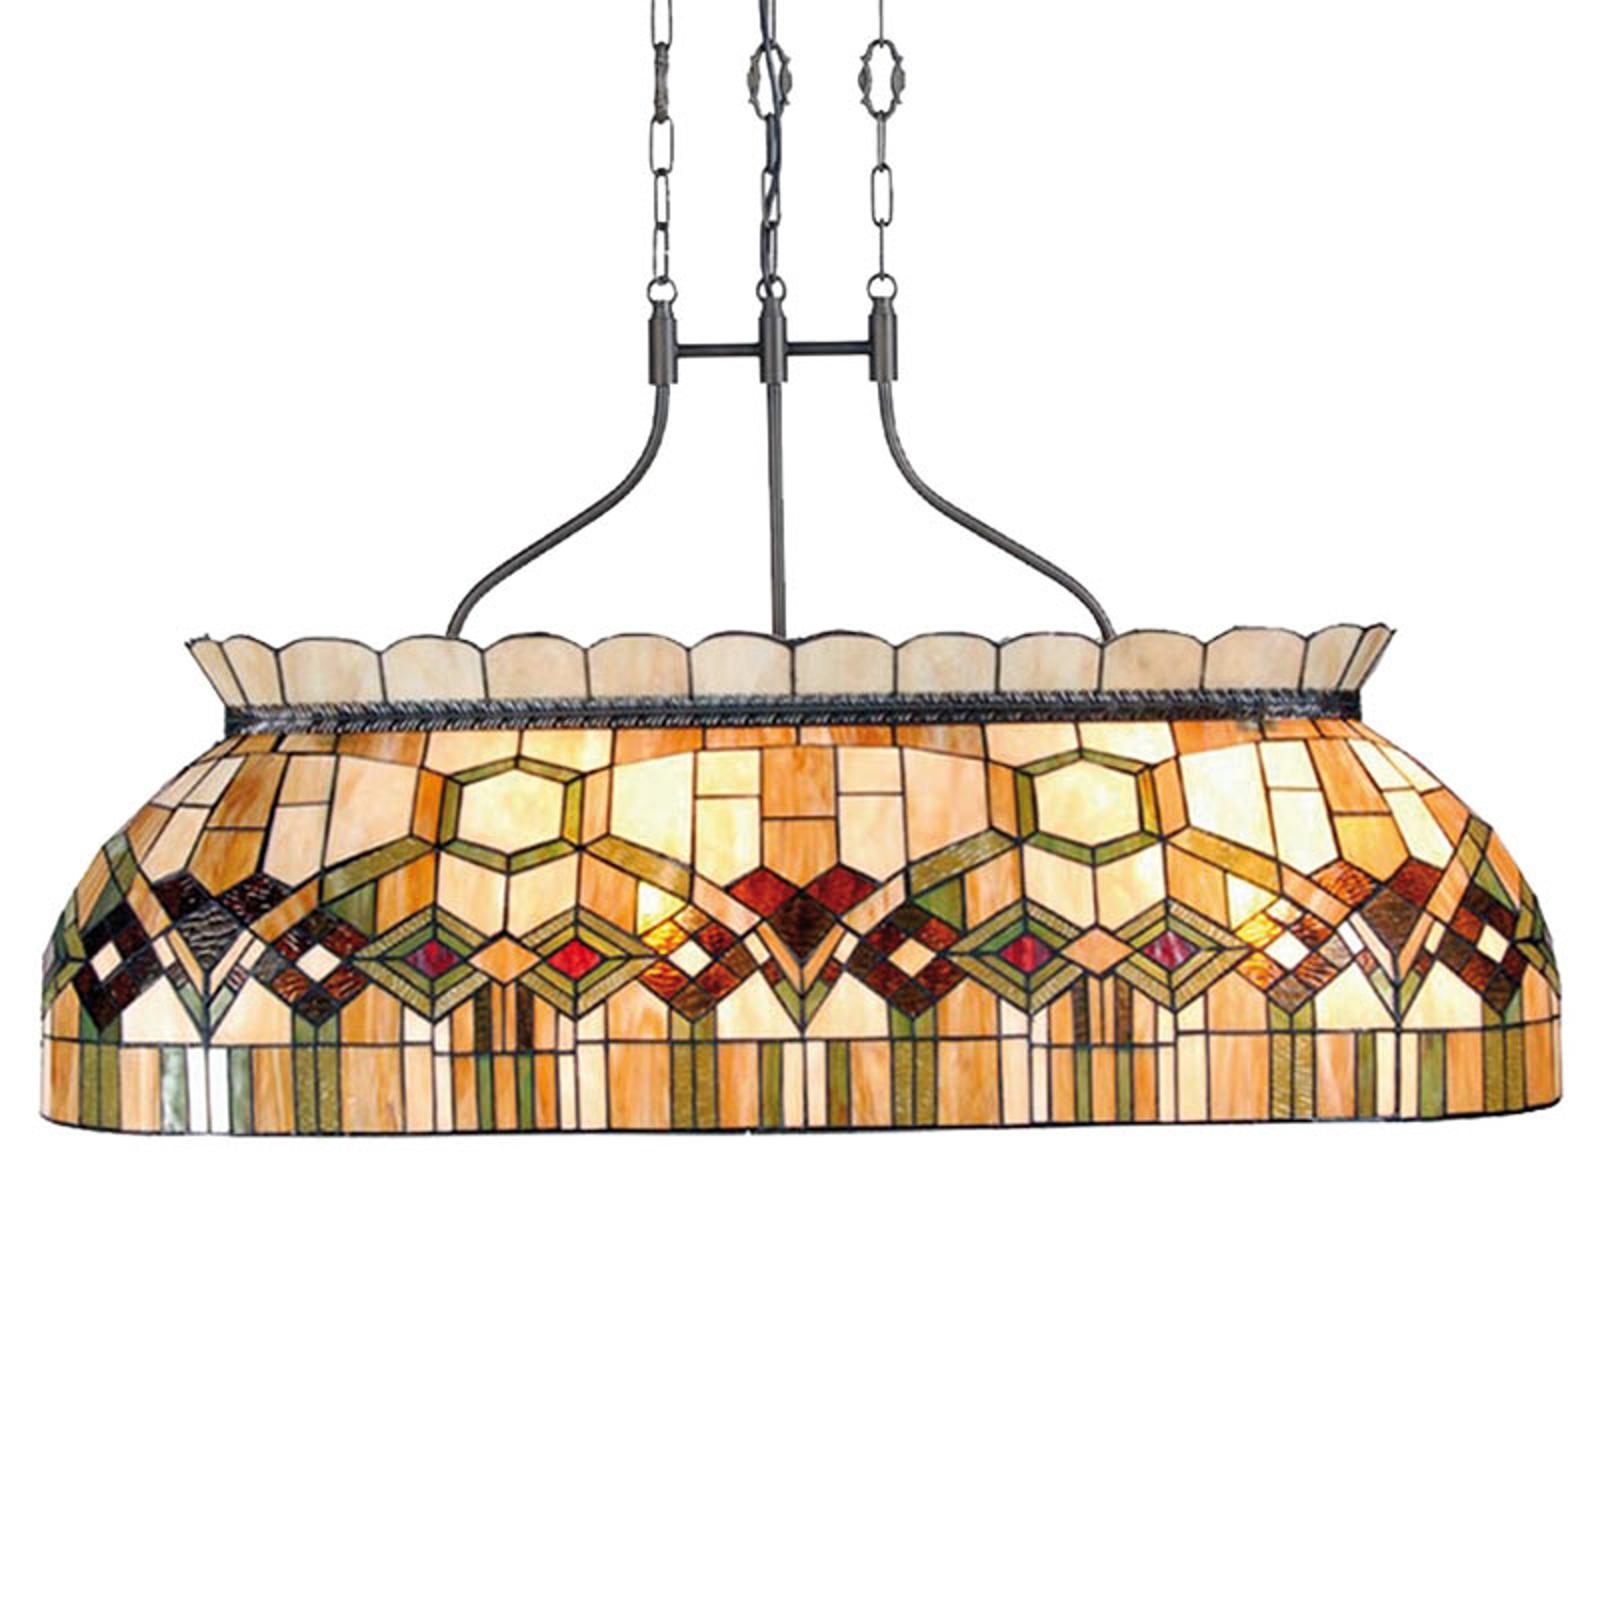 115cm – lampa wisząca Saavik, styl Tiffany